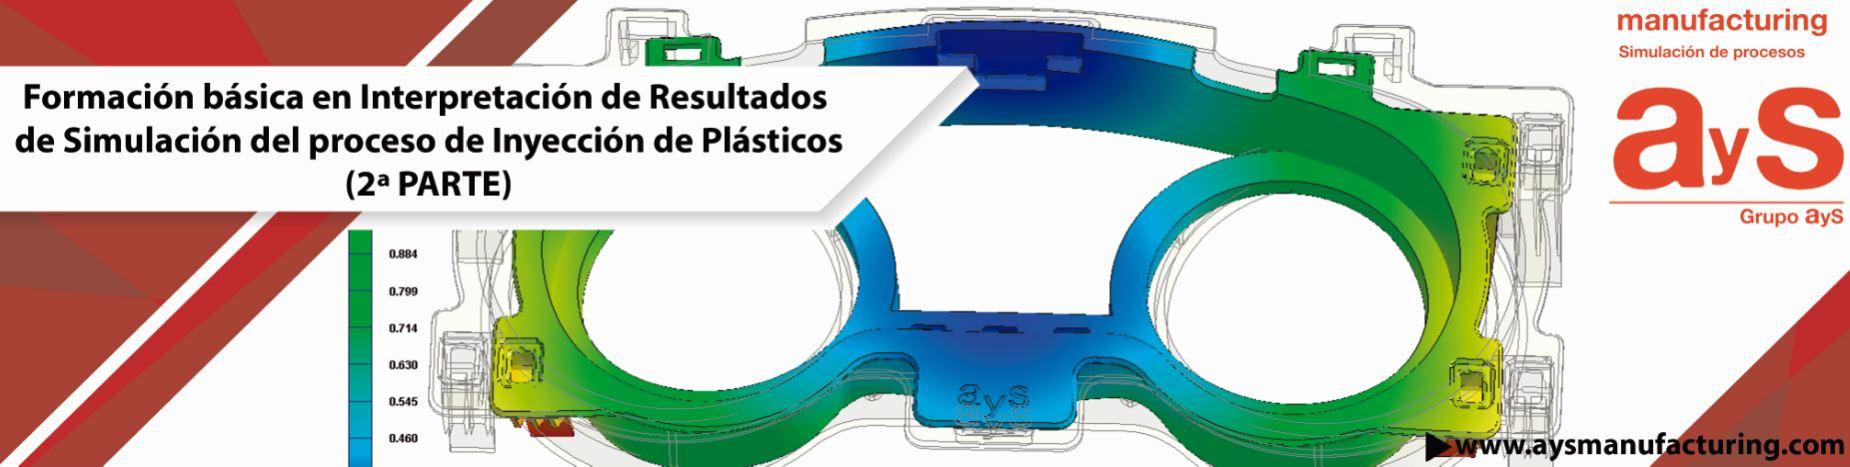 inyección plásticos